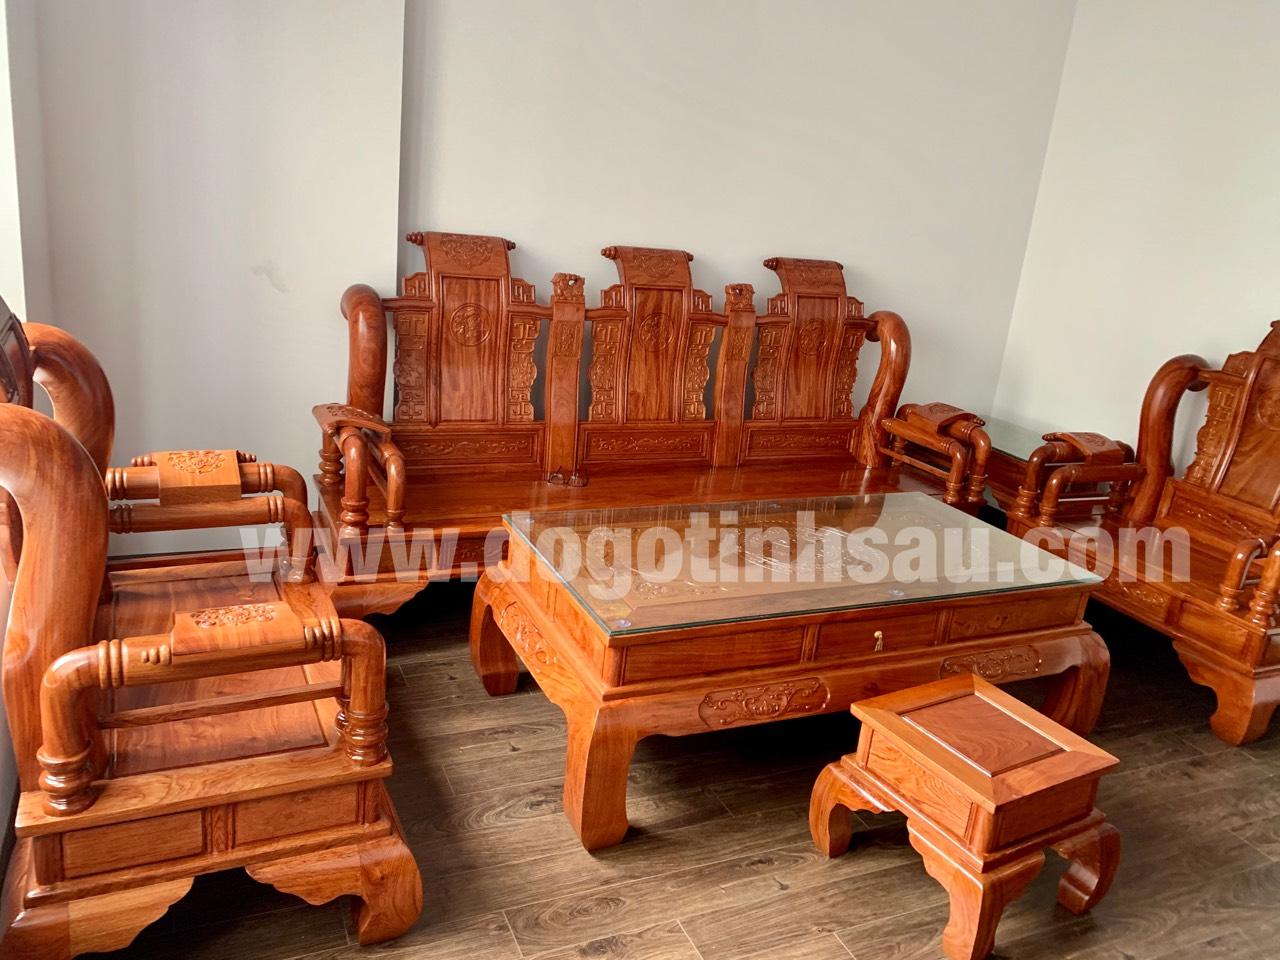 bao gia bo ban ghe tan thuy hoang tay 12 go huong da - Bộ bàn ghế Tần Thủy Hoàng cột 12 gỗ hương đá (cột liền)